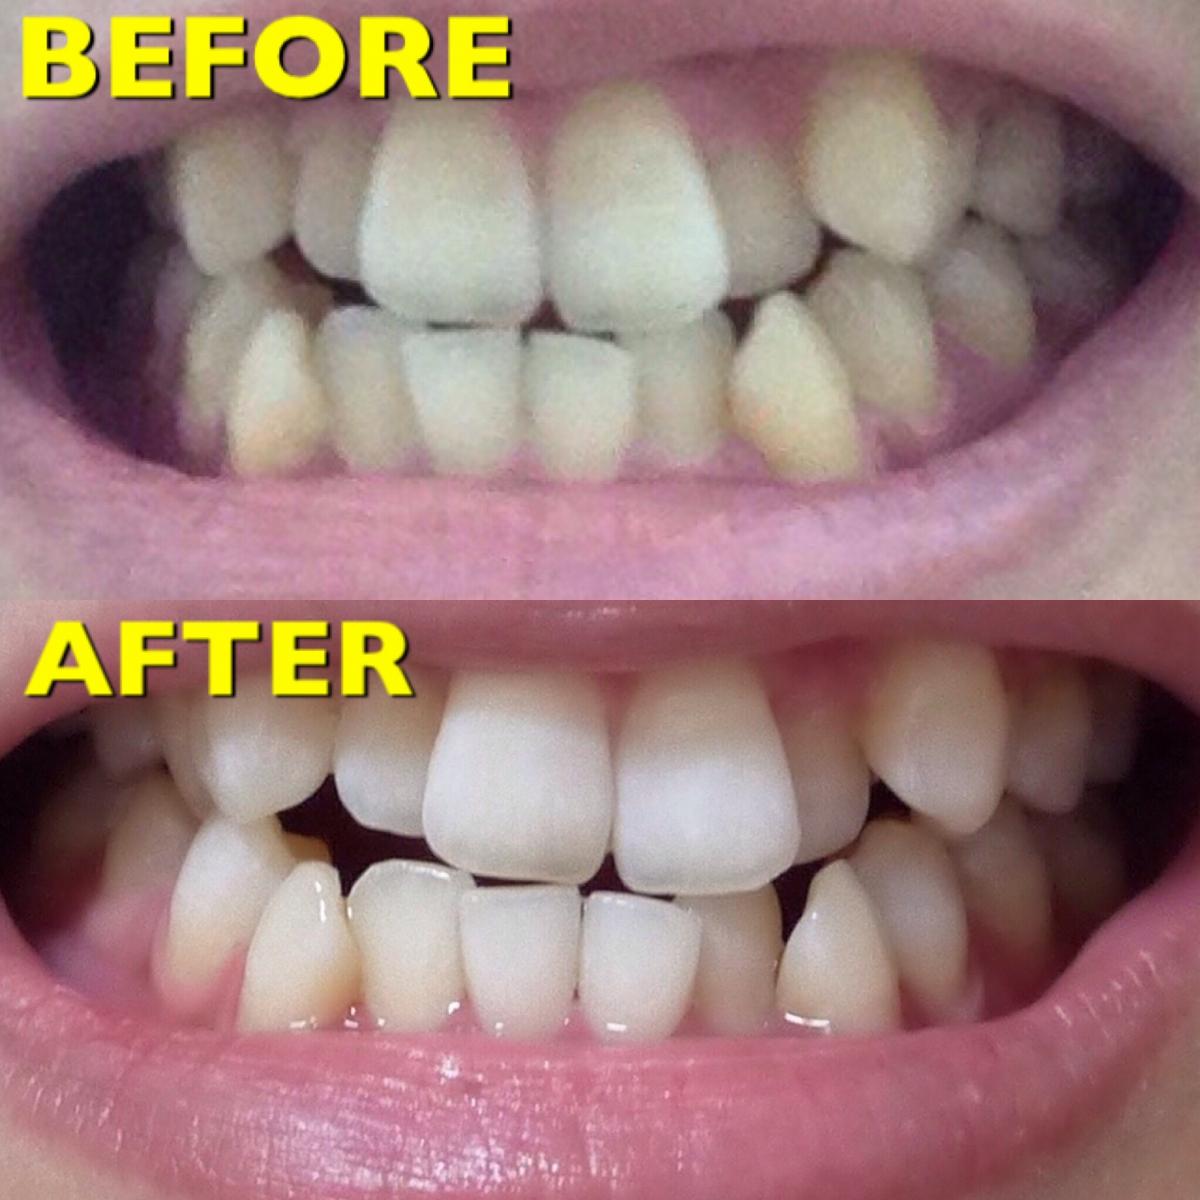 【30までにしたいこと②歯編】一度でもこの白さ!安い・痛みなし・短時間でホワイトニング